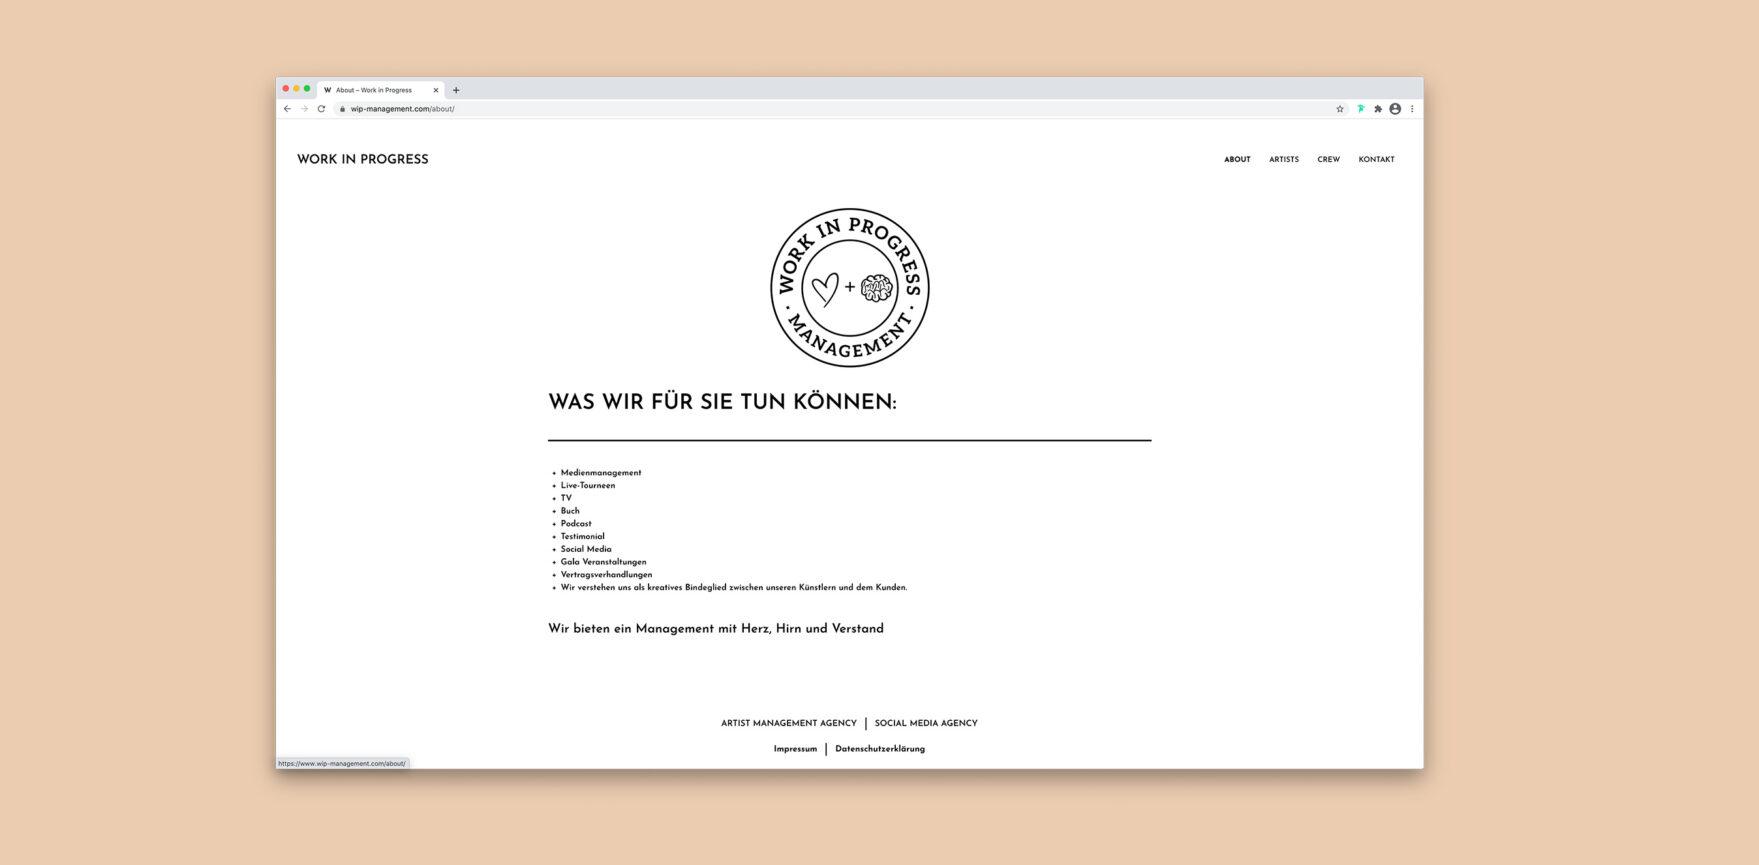 WordPress Website Work in Progress Management About Unterseite